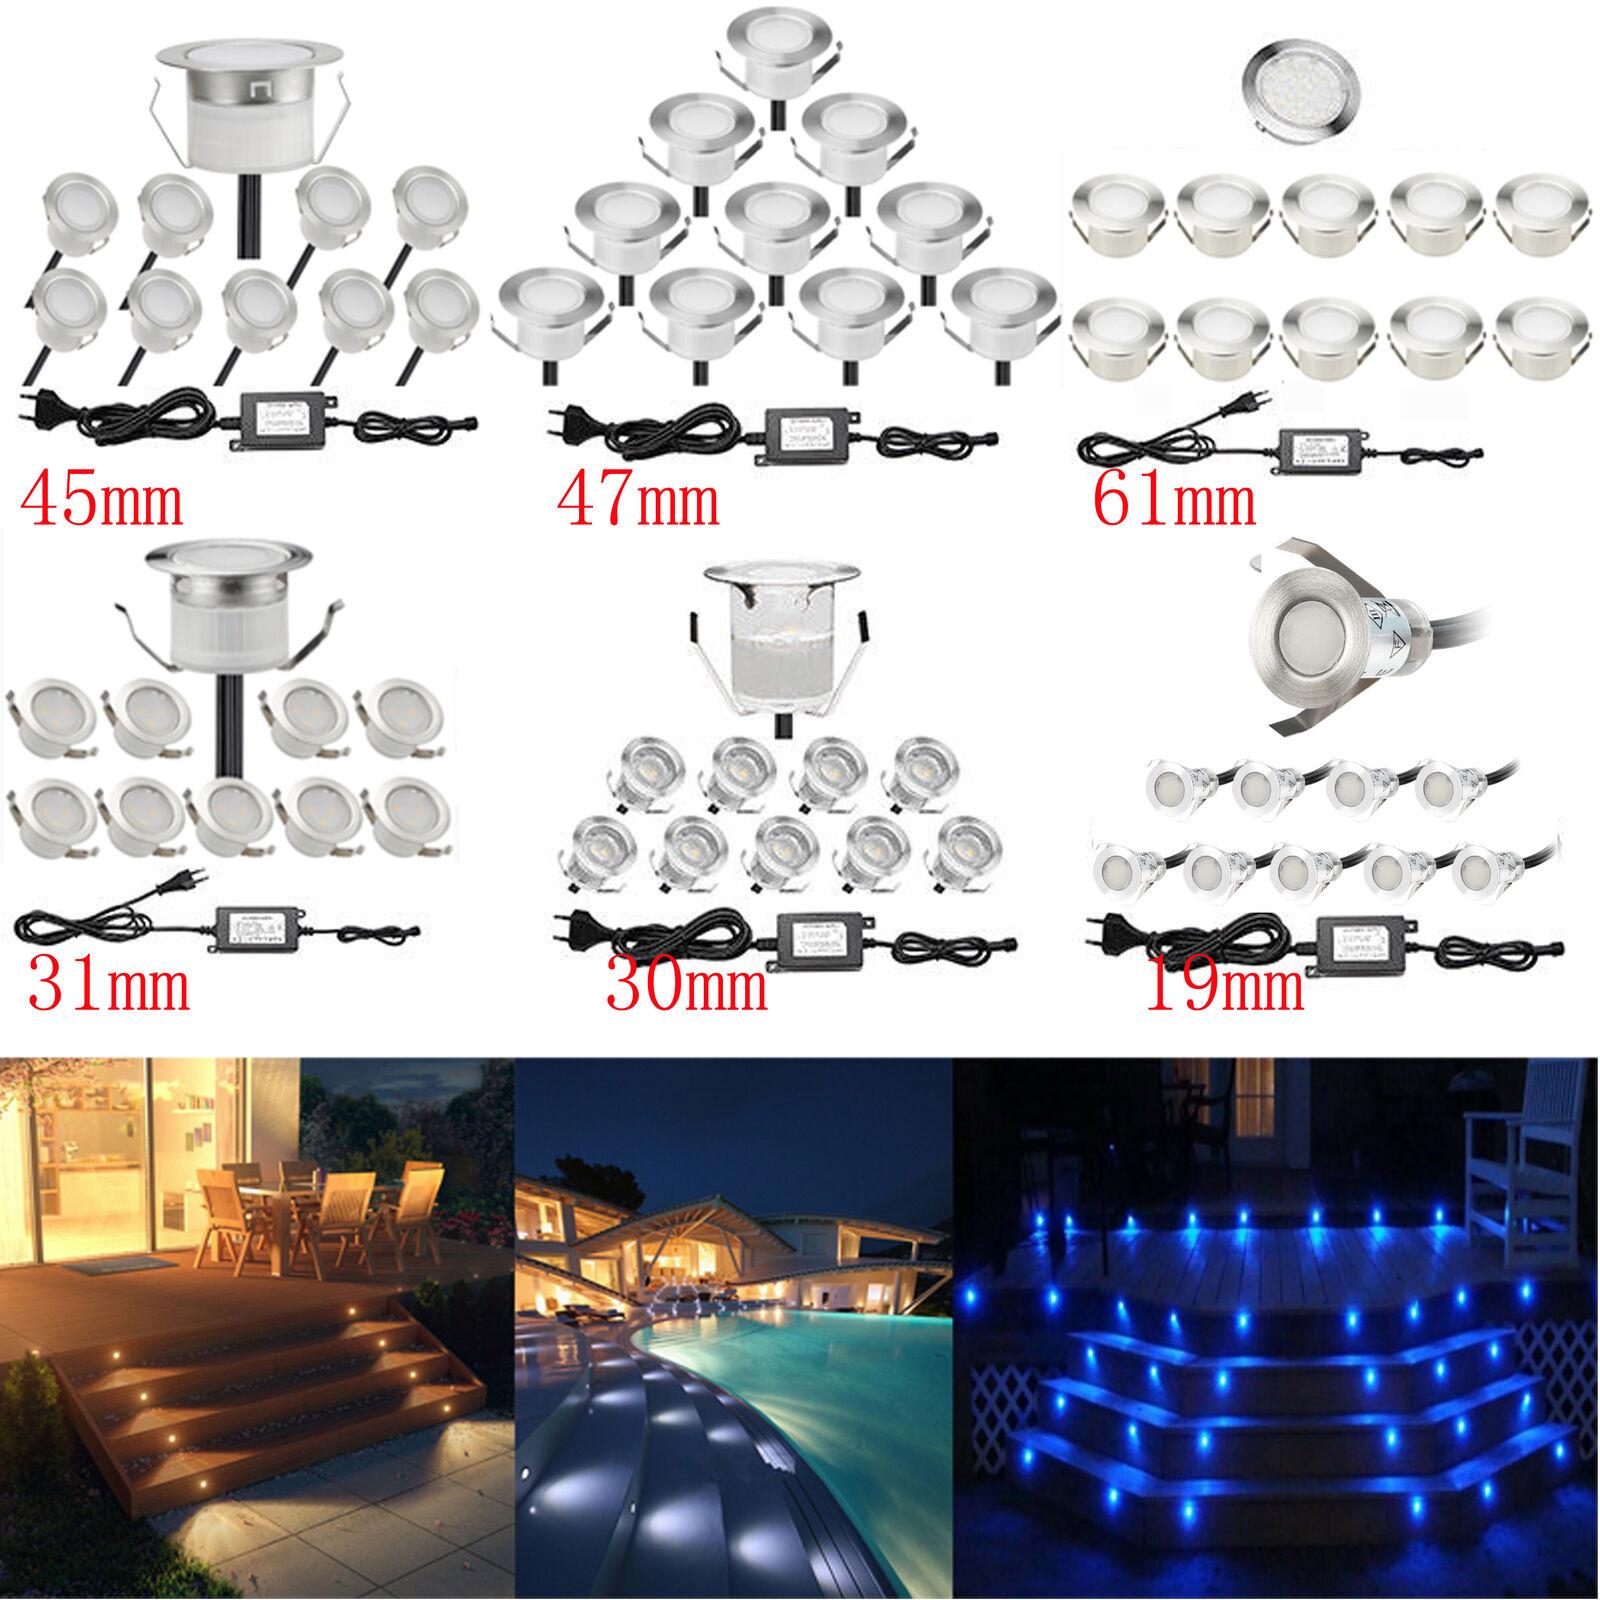 6 10er Set LED Einbaustrahler Terrasse Außen Spot Innen & Aussen Beleuchtung 12V